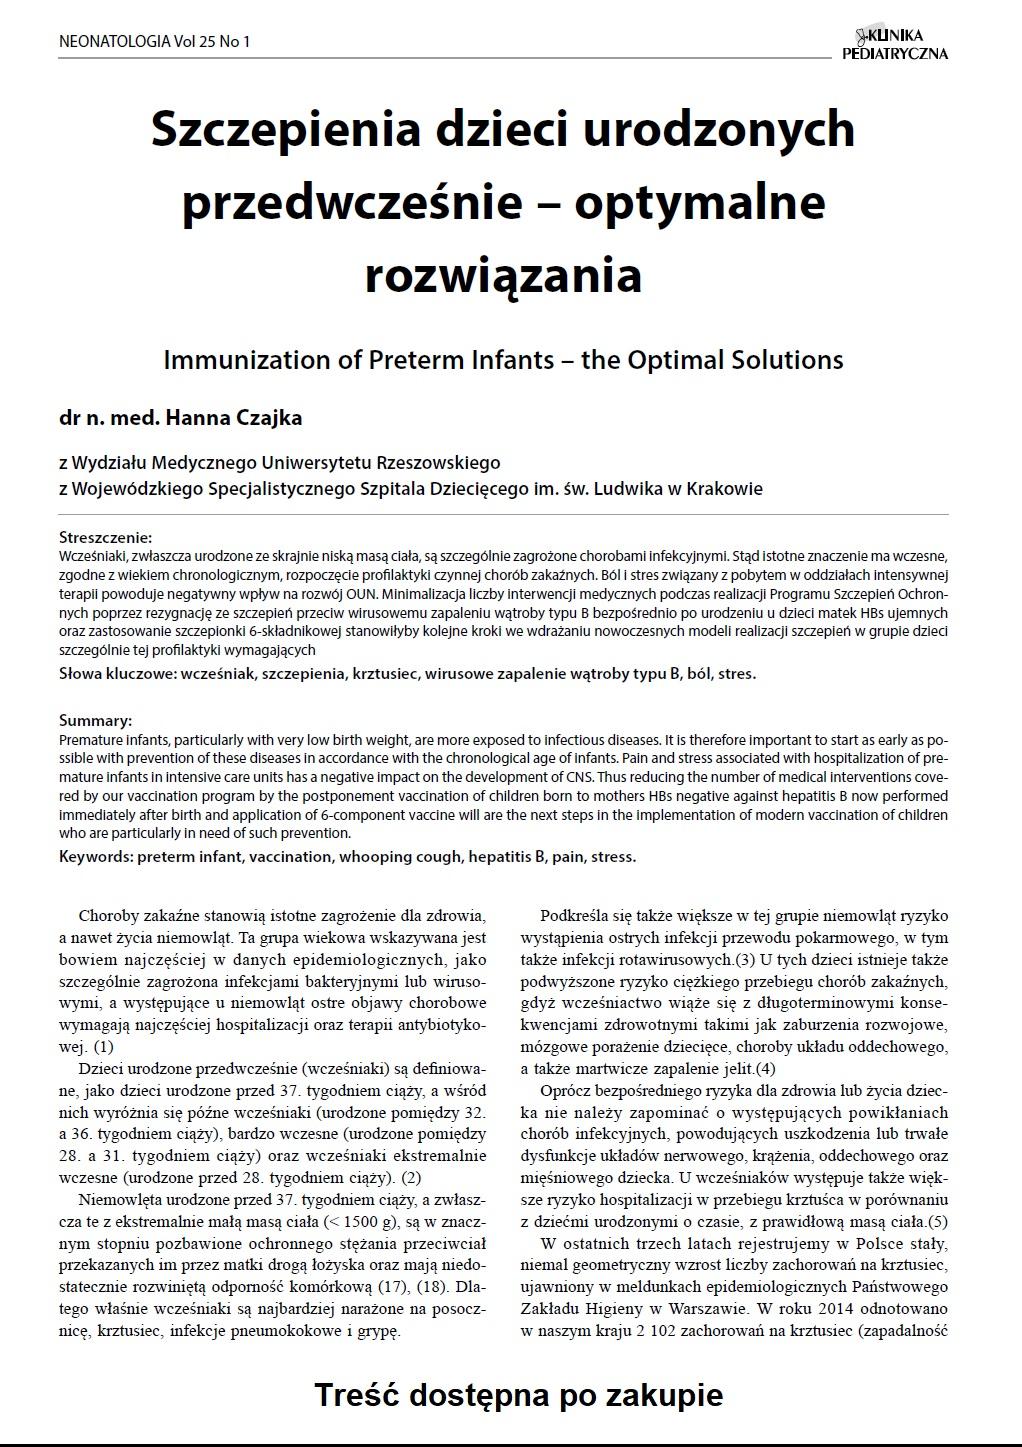 KP 1/2017 Szczepienia dzieci urodzonych przedwcześnie – optymalne rozwiązania